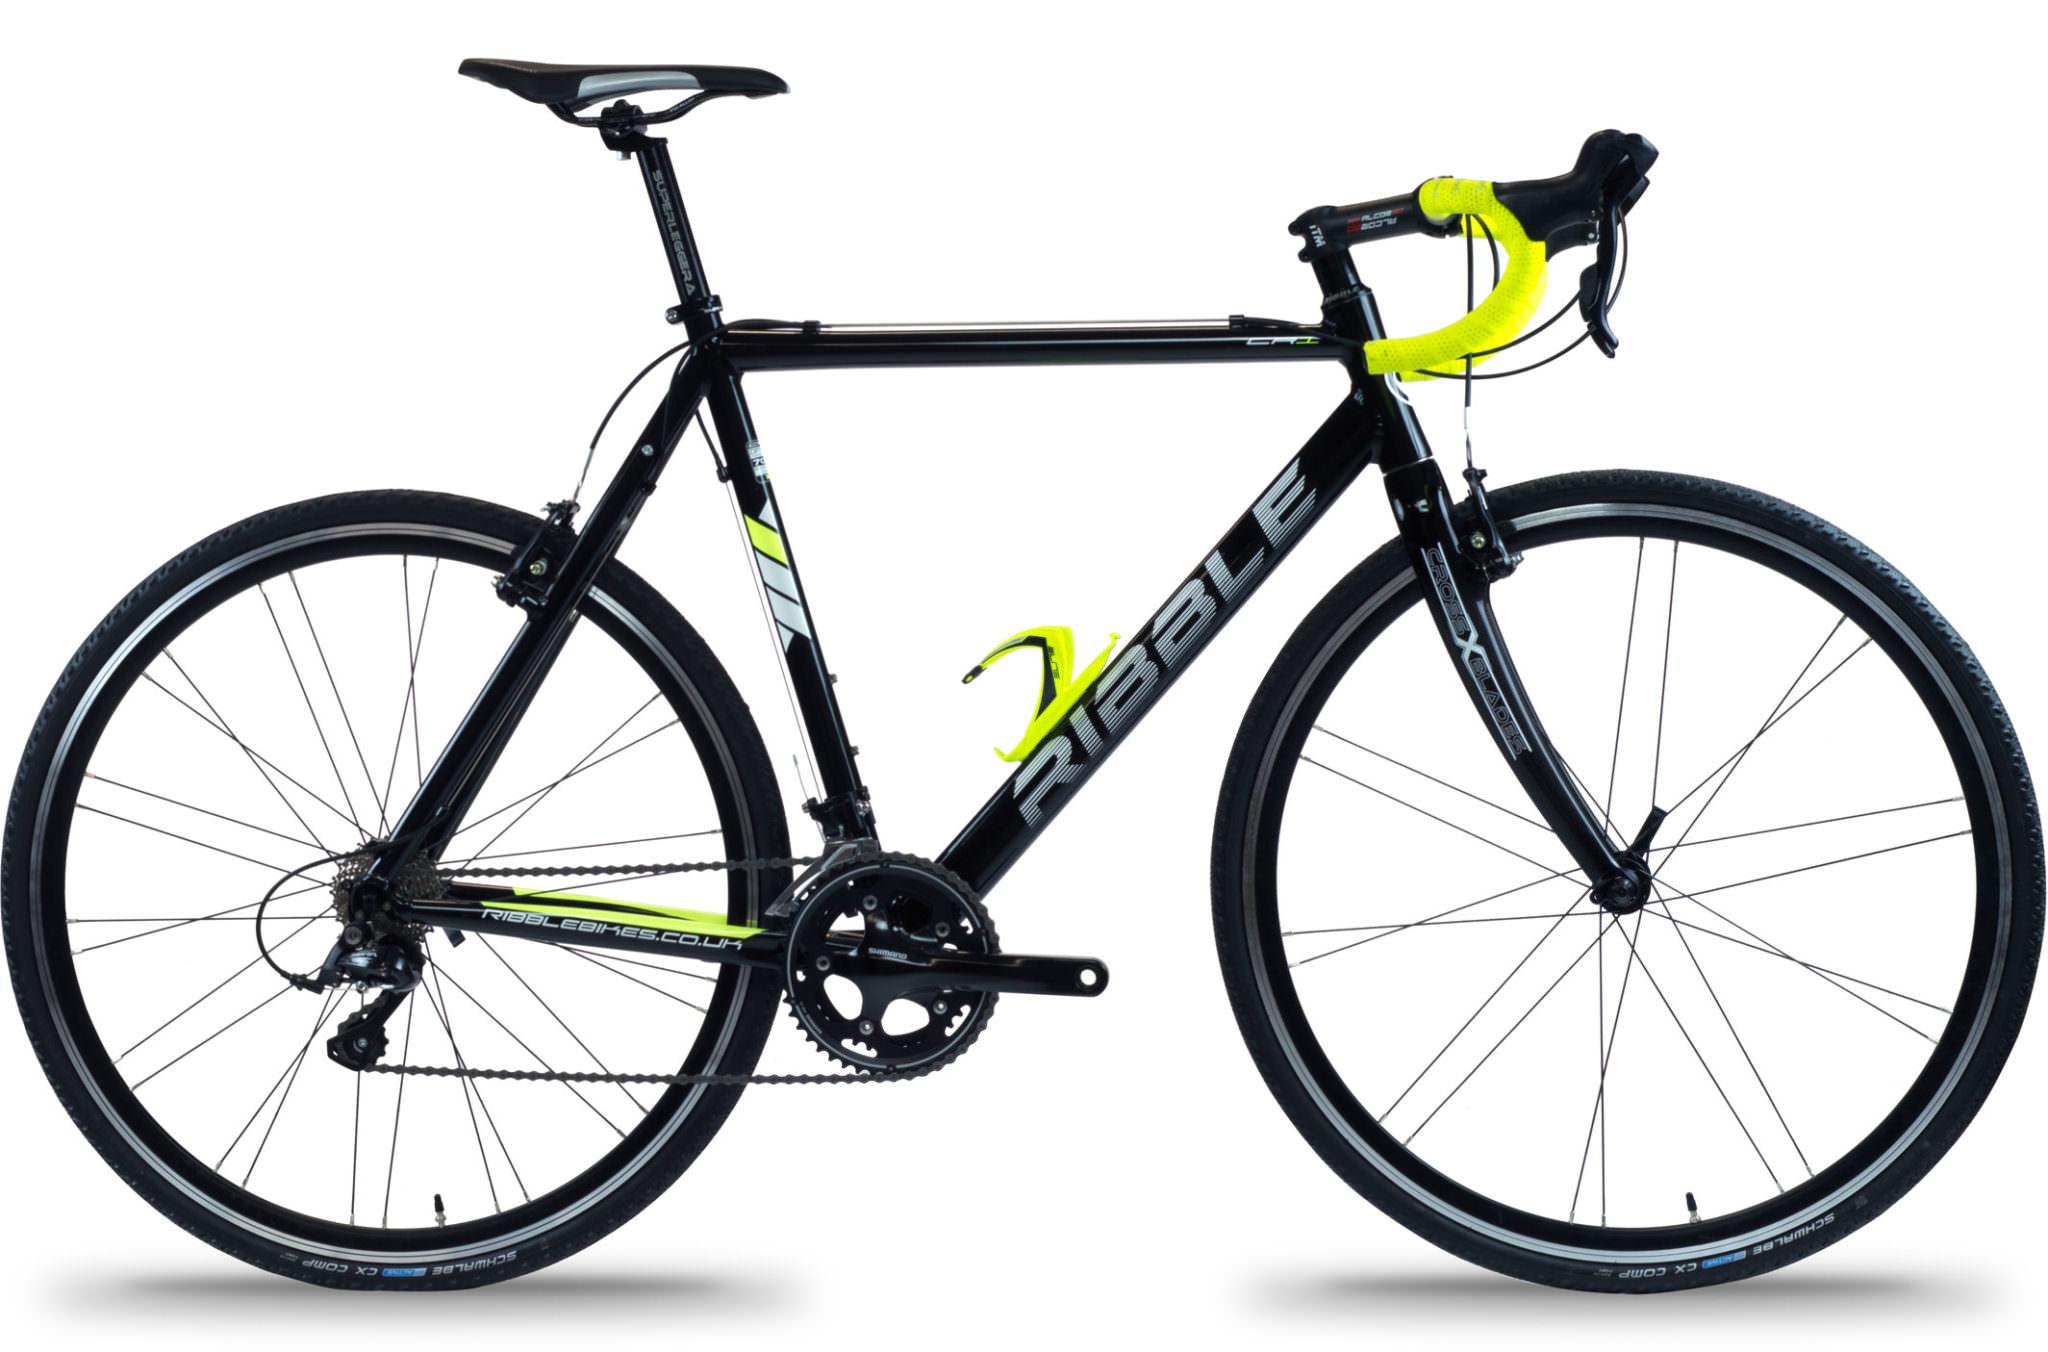 Ribble 7005 CR1